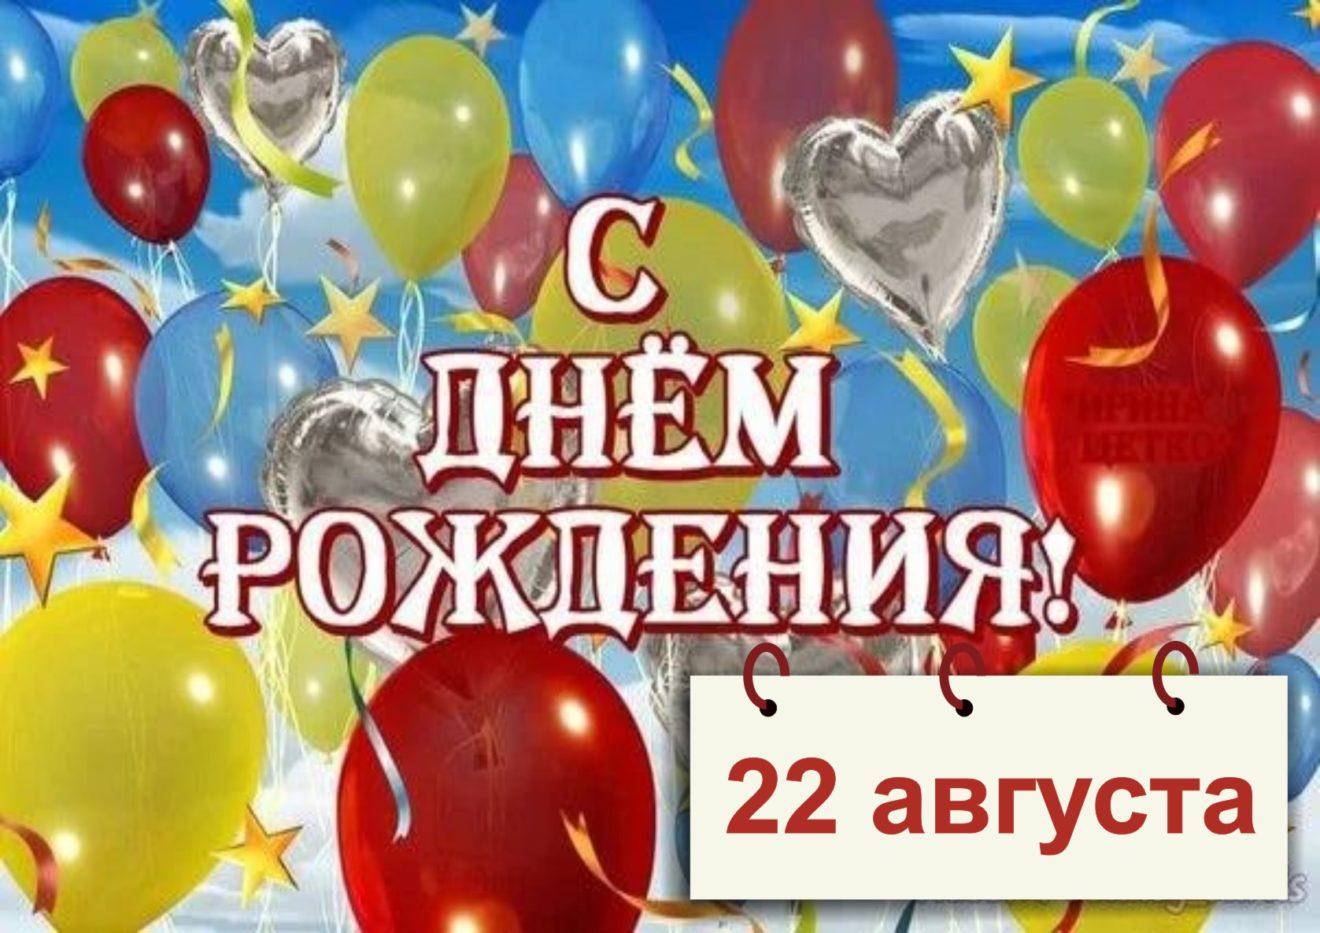 С днем рождения поздравления звуковые